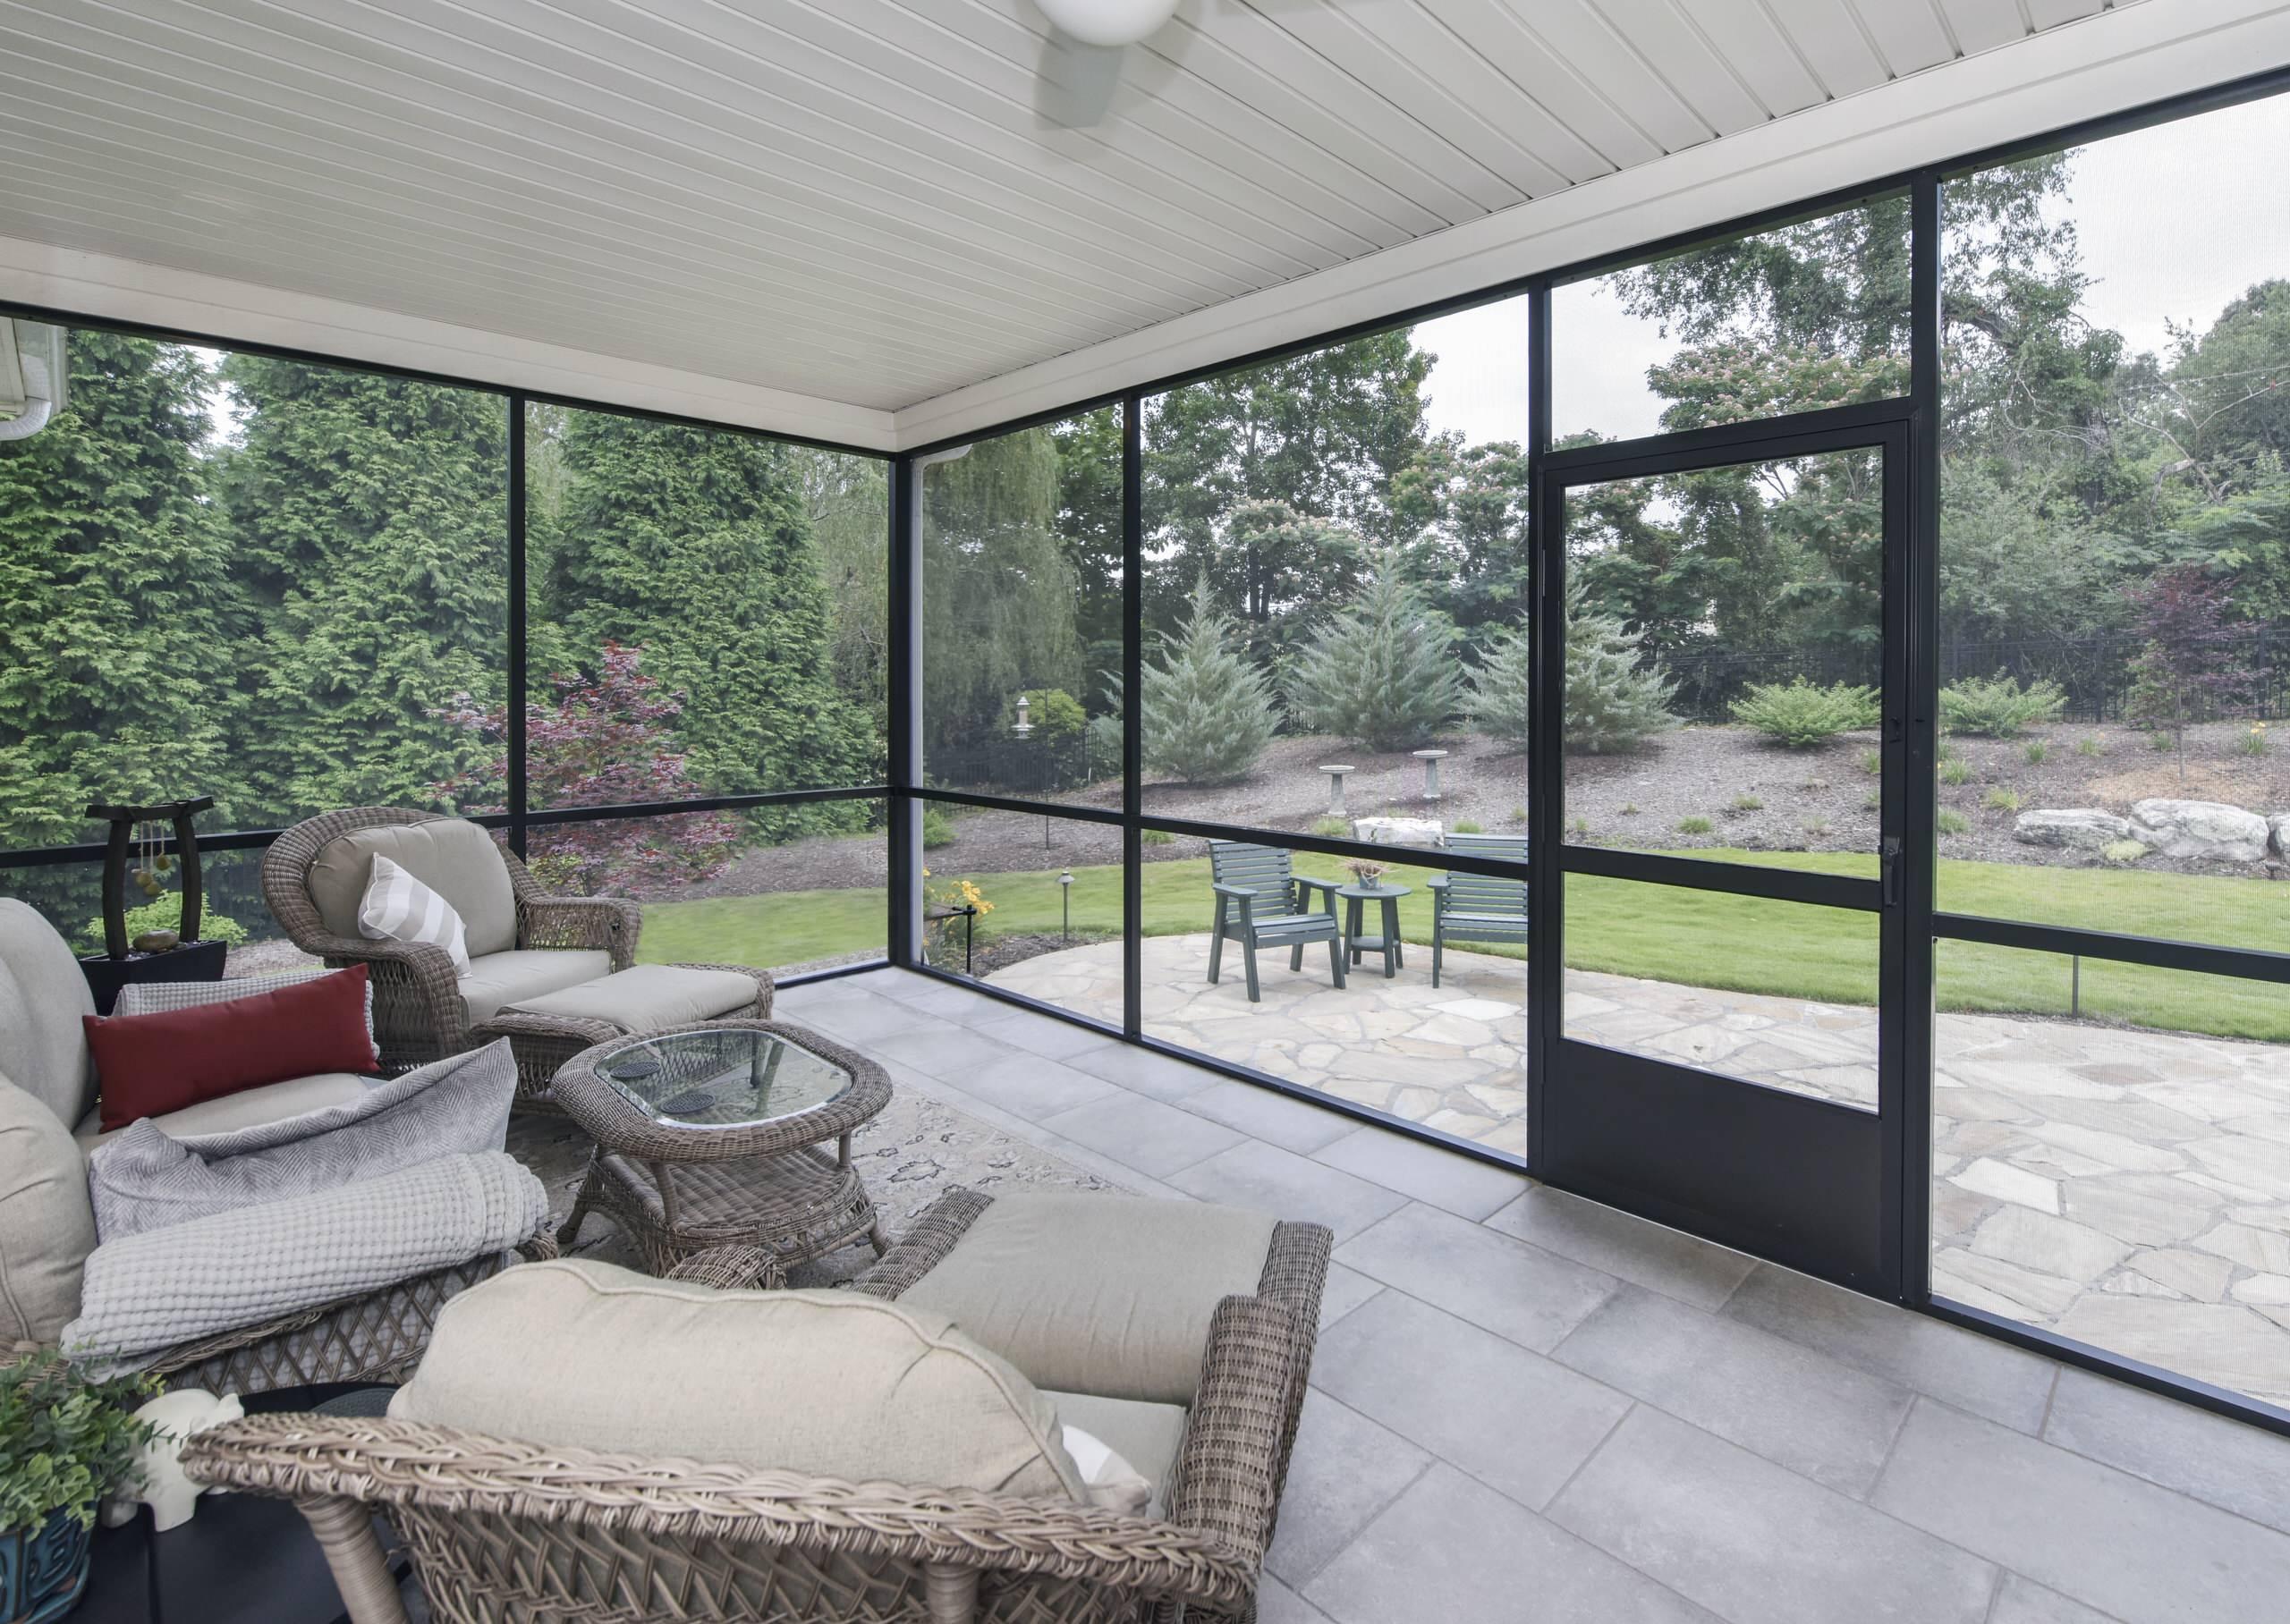 U Shaped House Porch Ideas Photos Houzz